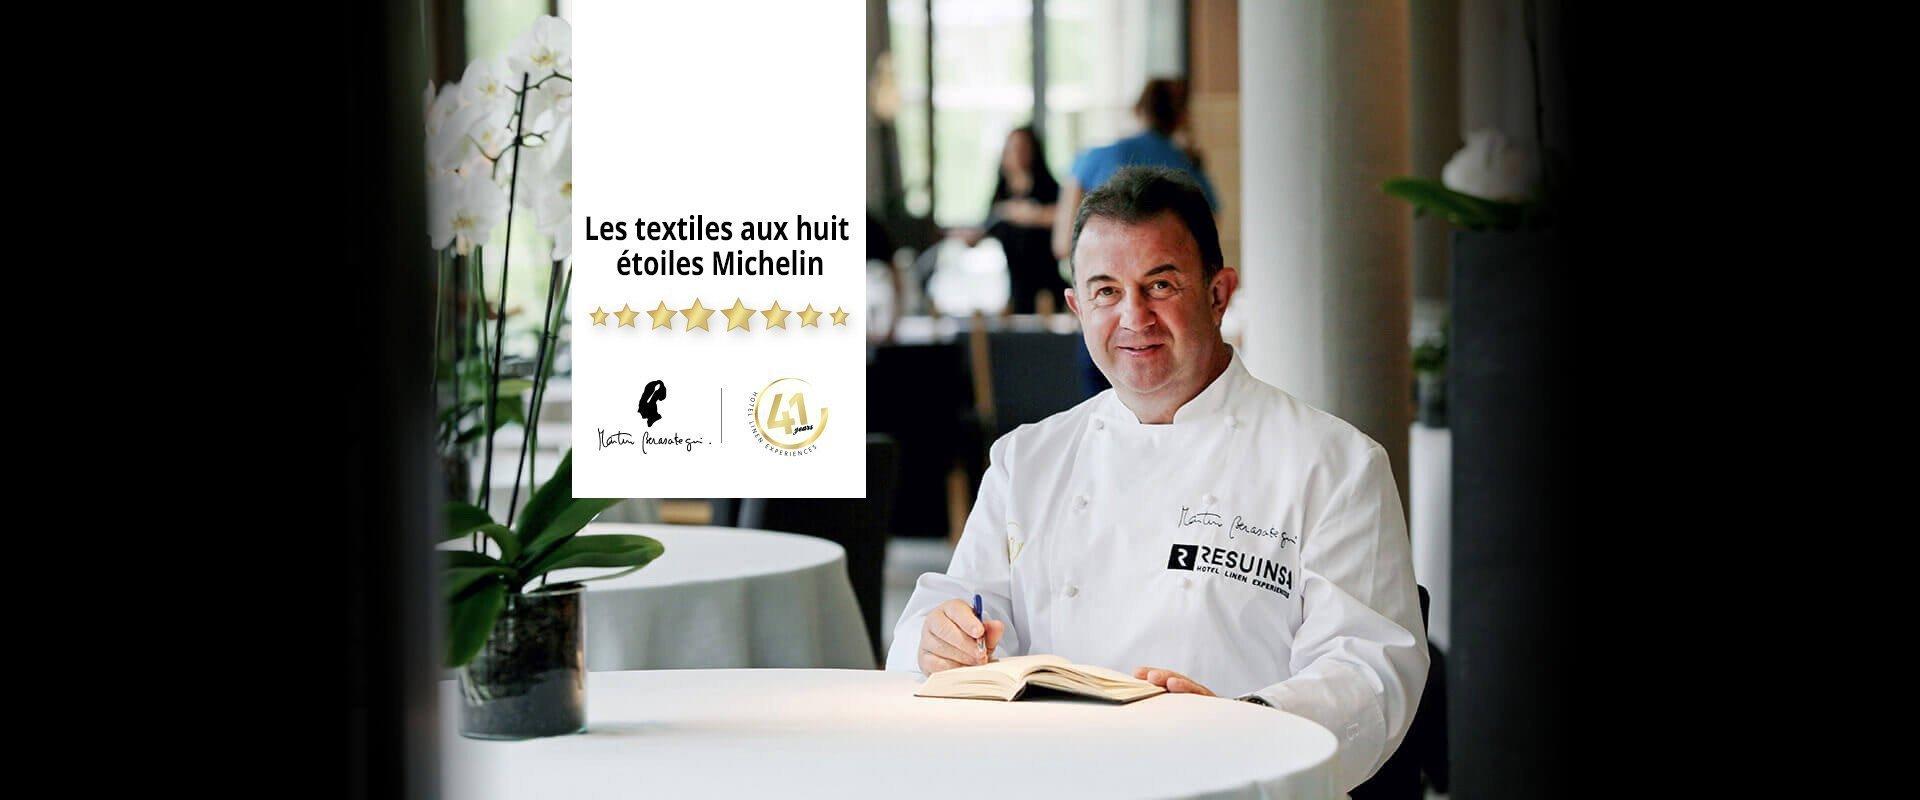 les-textiles-aux-huit-etoiles-michelin-41